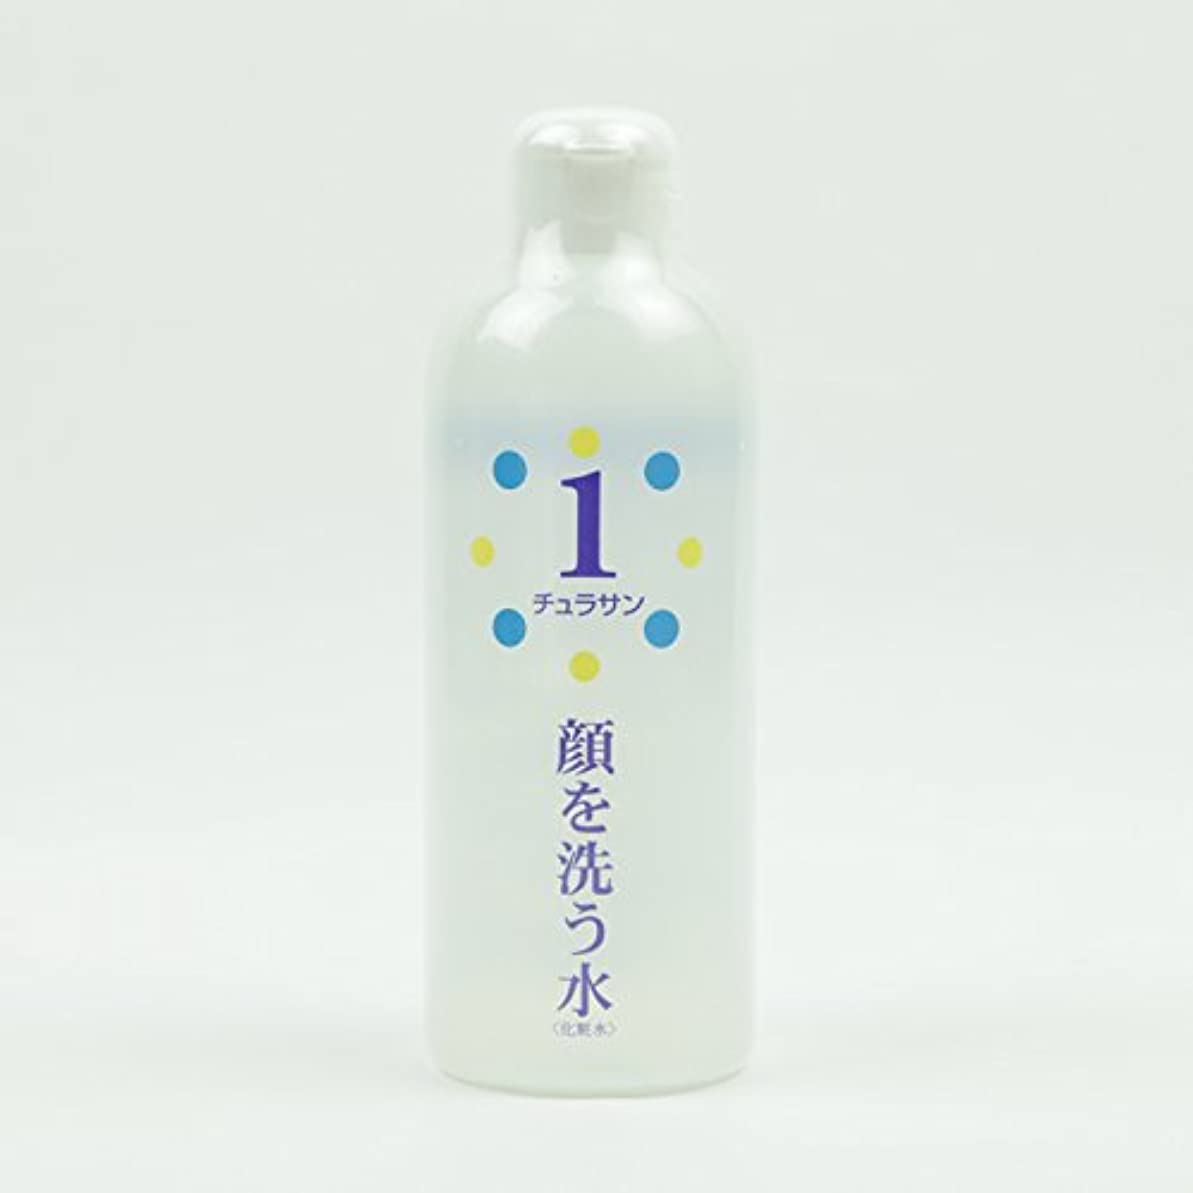 しなやかなキャンセル杭チュラサン1 【顔を洗う水】 250ml